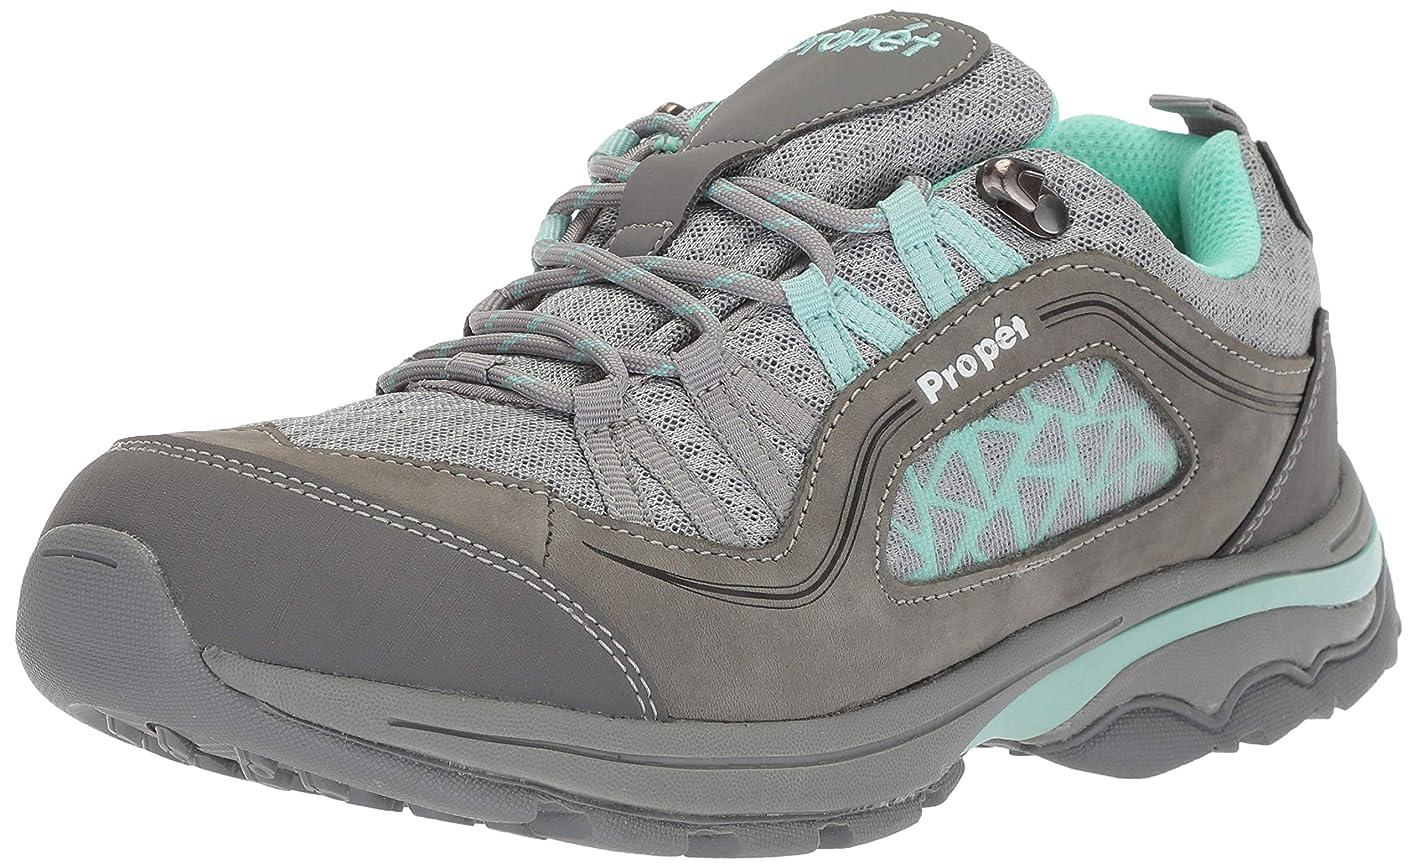 失敗フィードバックボーナス[Propet] Women's Piccolo Grey/Mint Ankle-High Leather Hiking Shoe - 12W